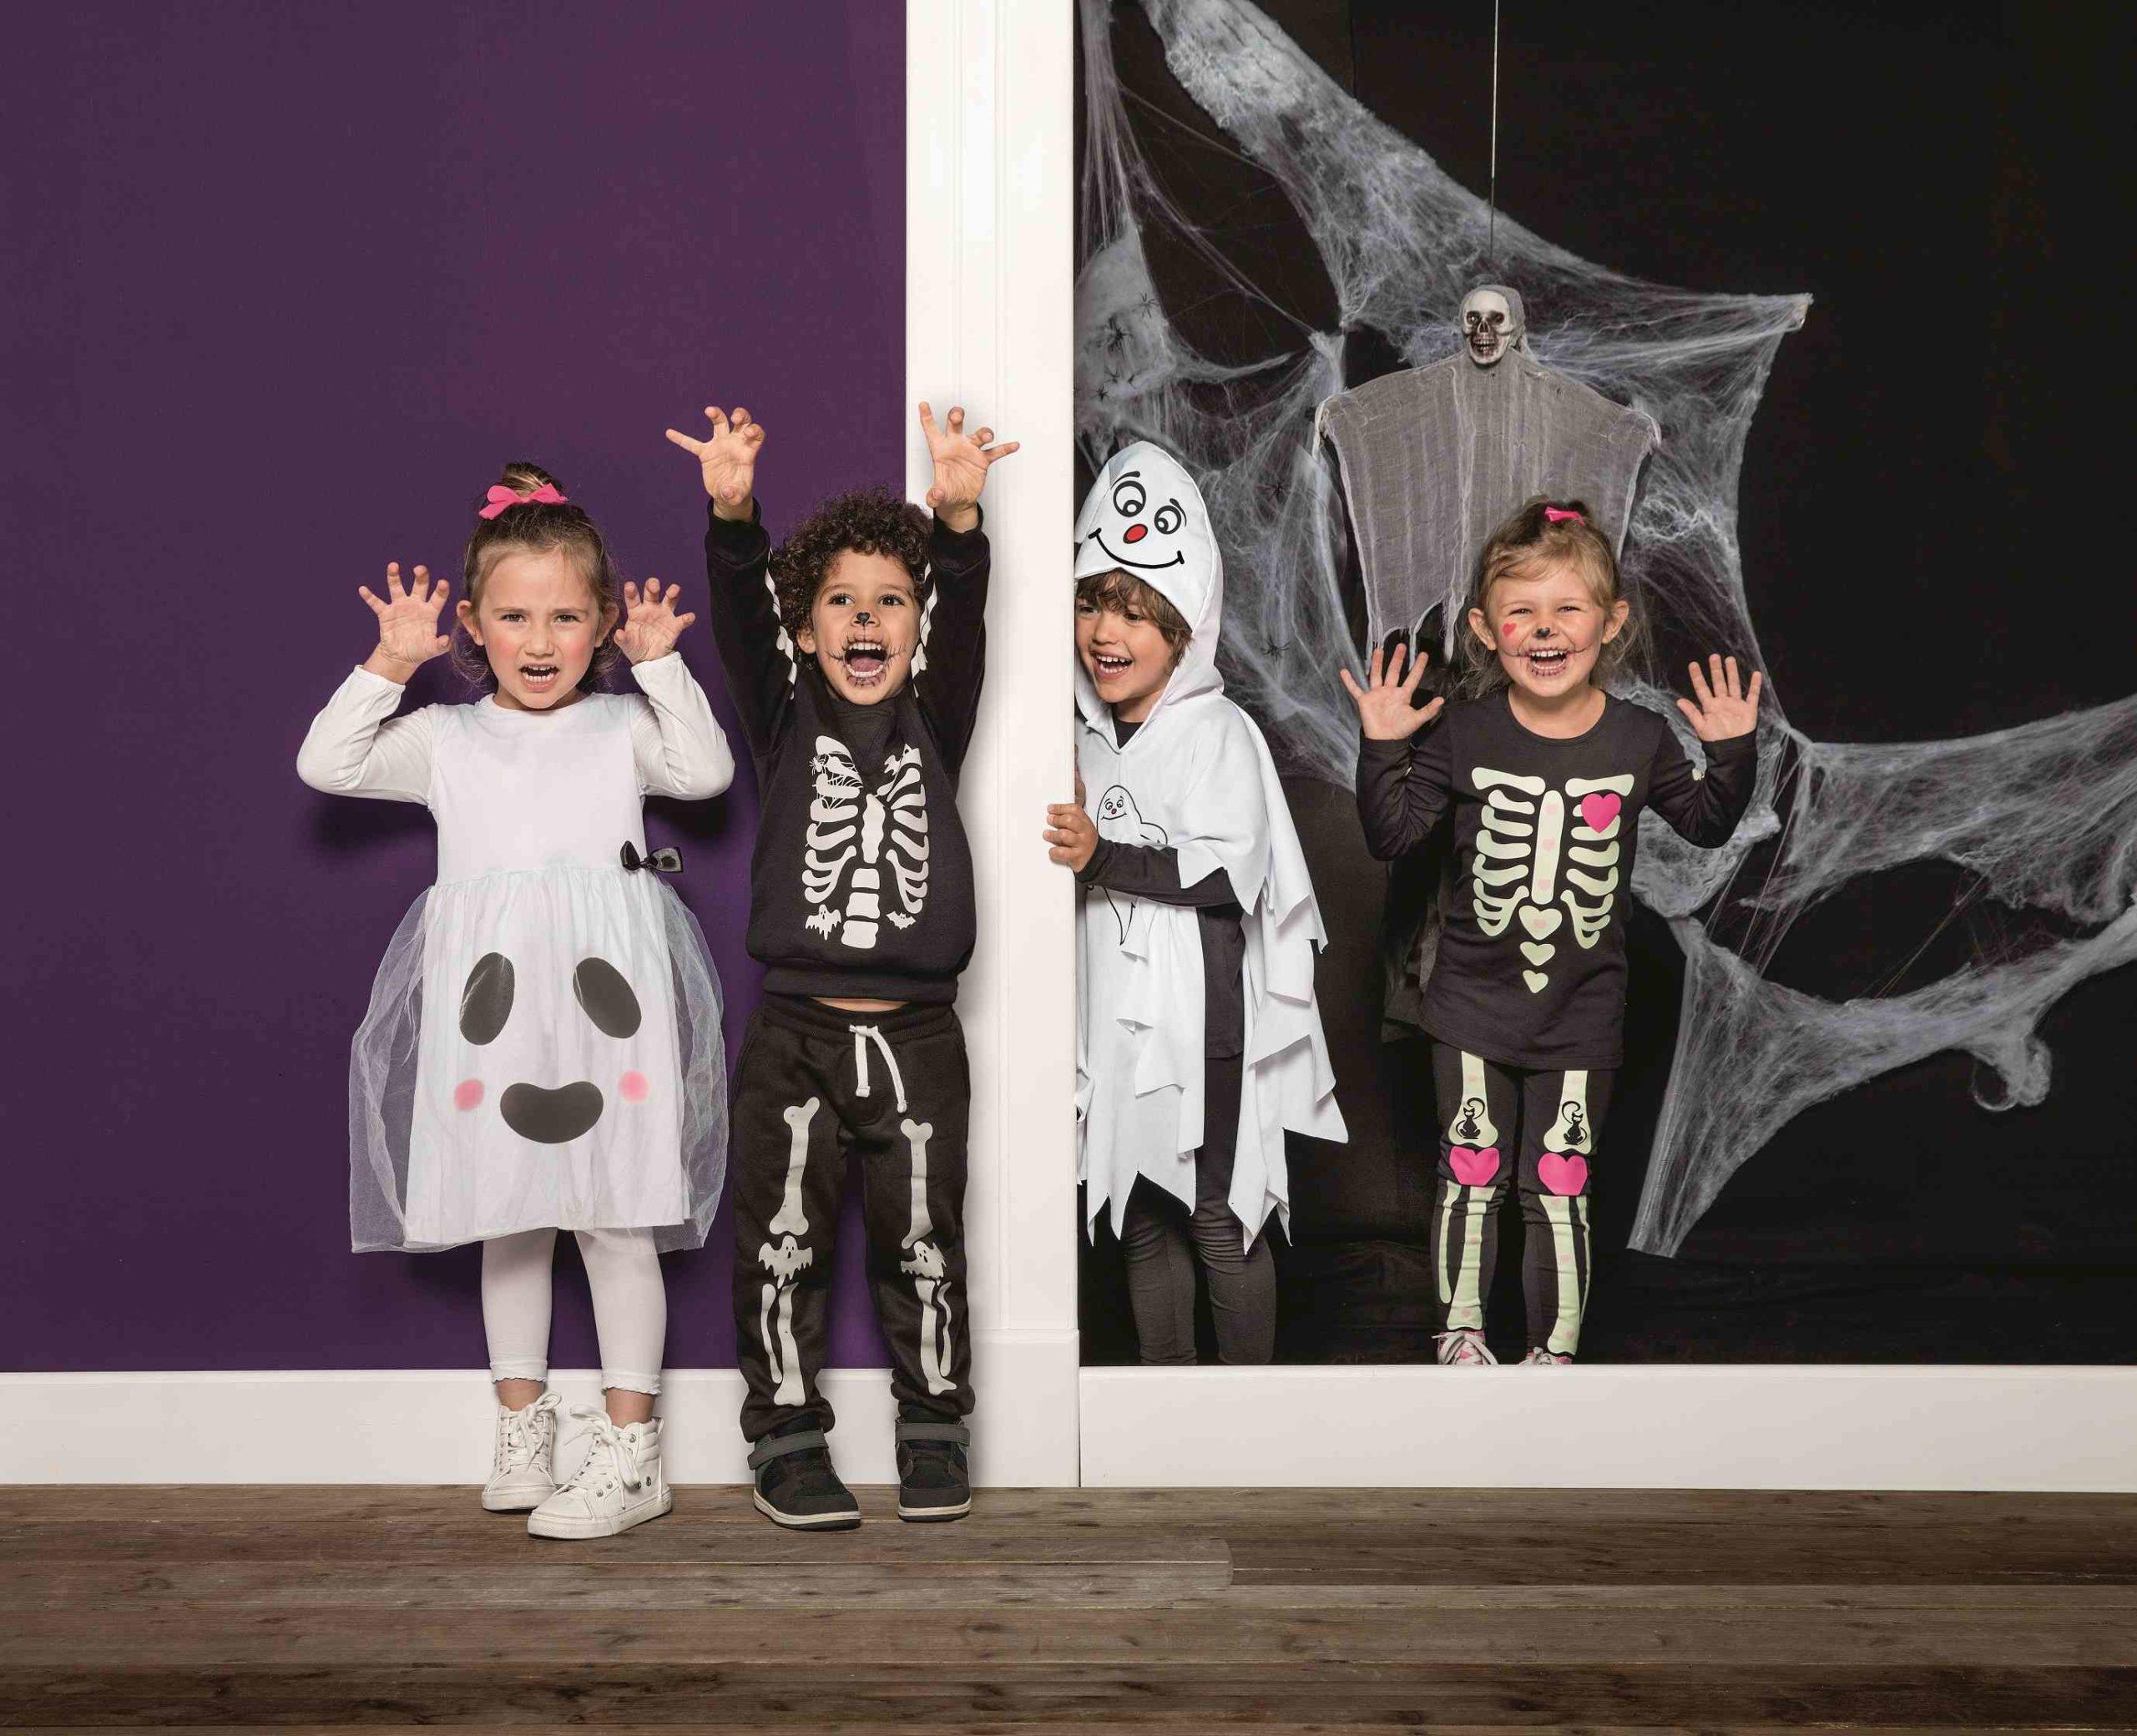 Jak zorganizować imprezę dla dzieci na Halloween? To strrrasznie proste!